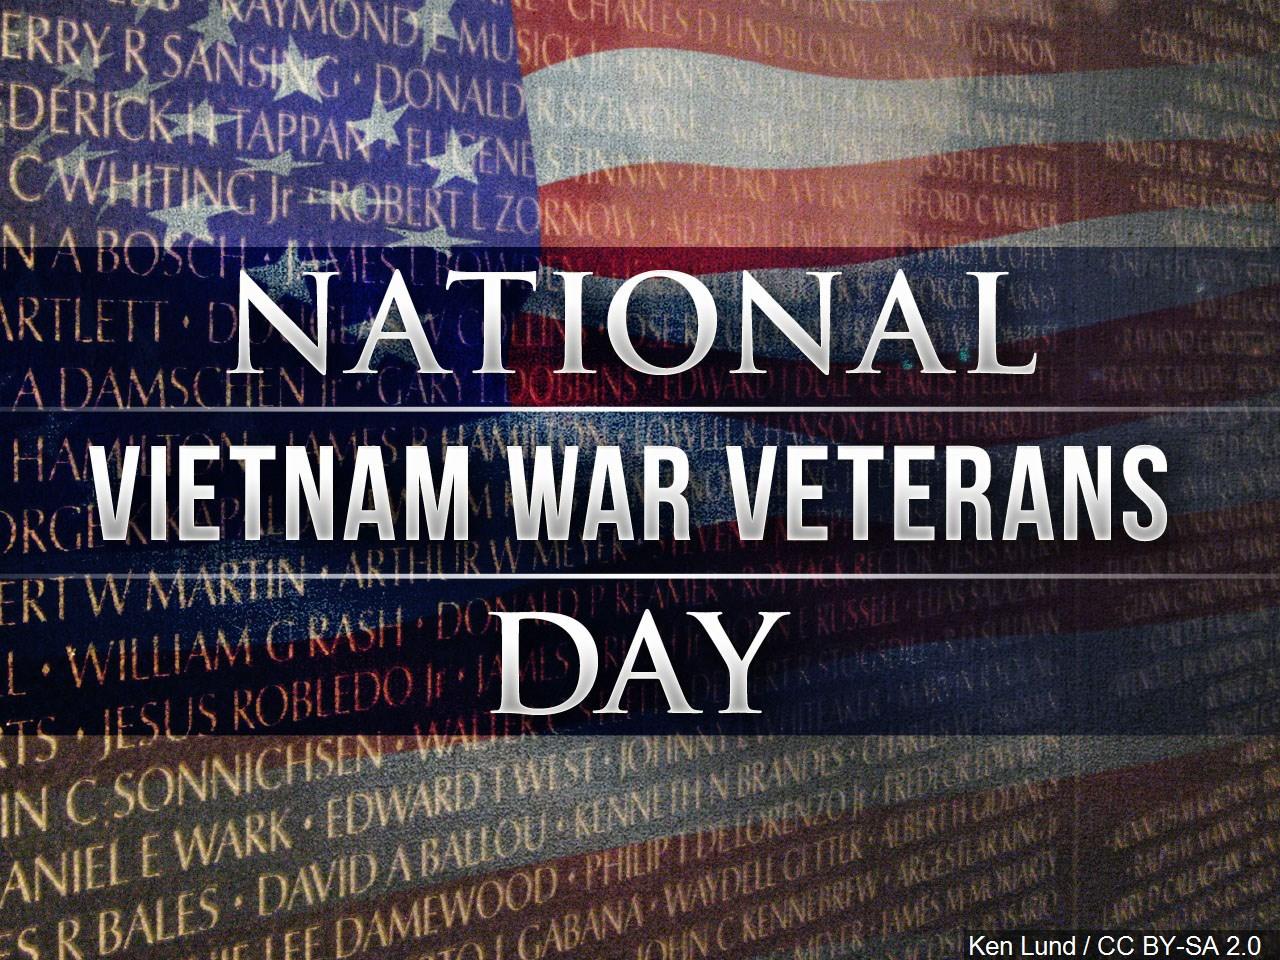 National Vietnam War Veterans Day